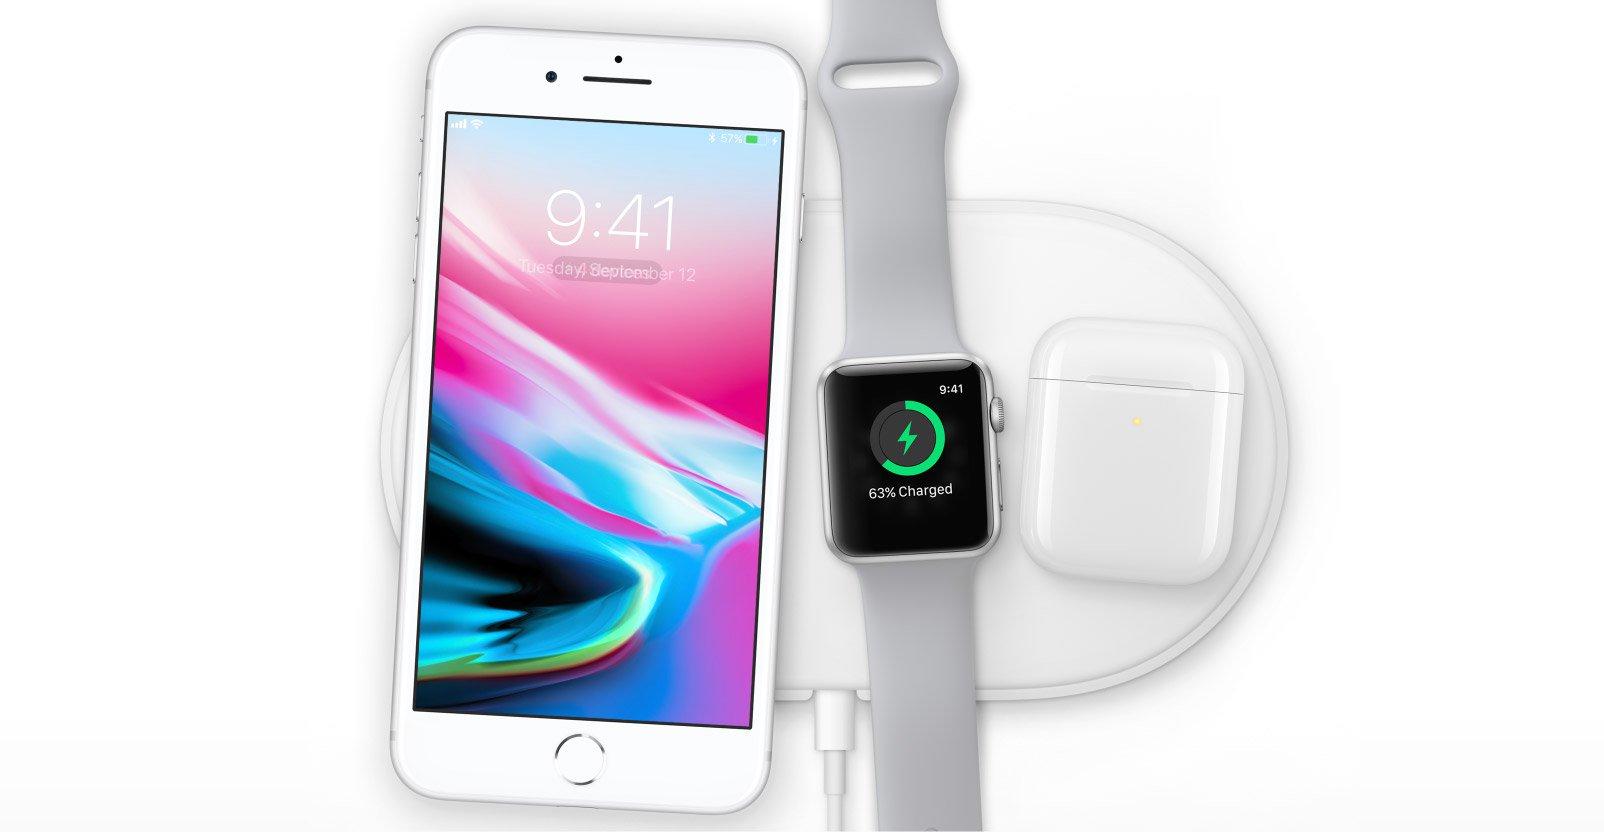 Tại sao có iPhone X vì sao Apple còn ra mắt thêm iPhone 8 và 8 plus